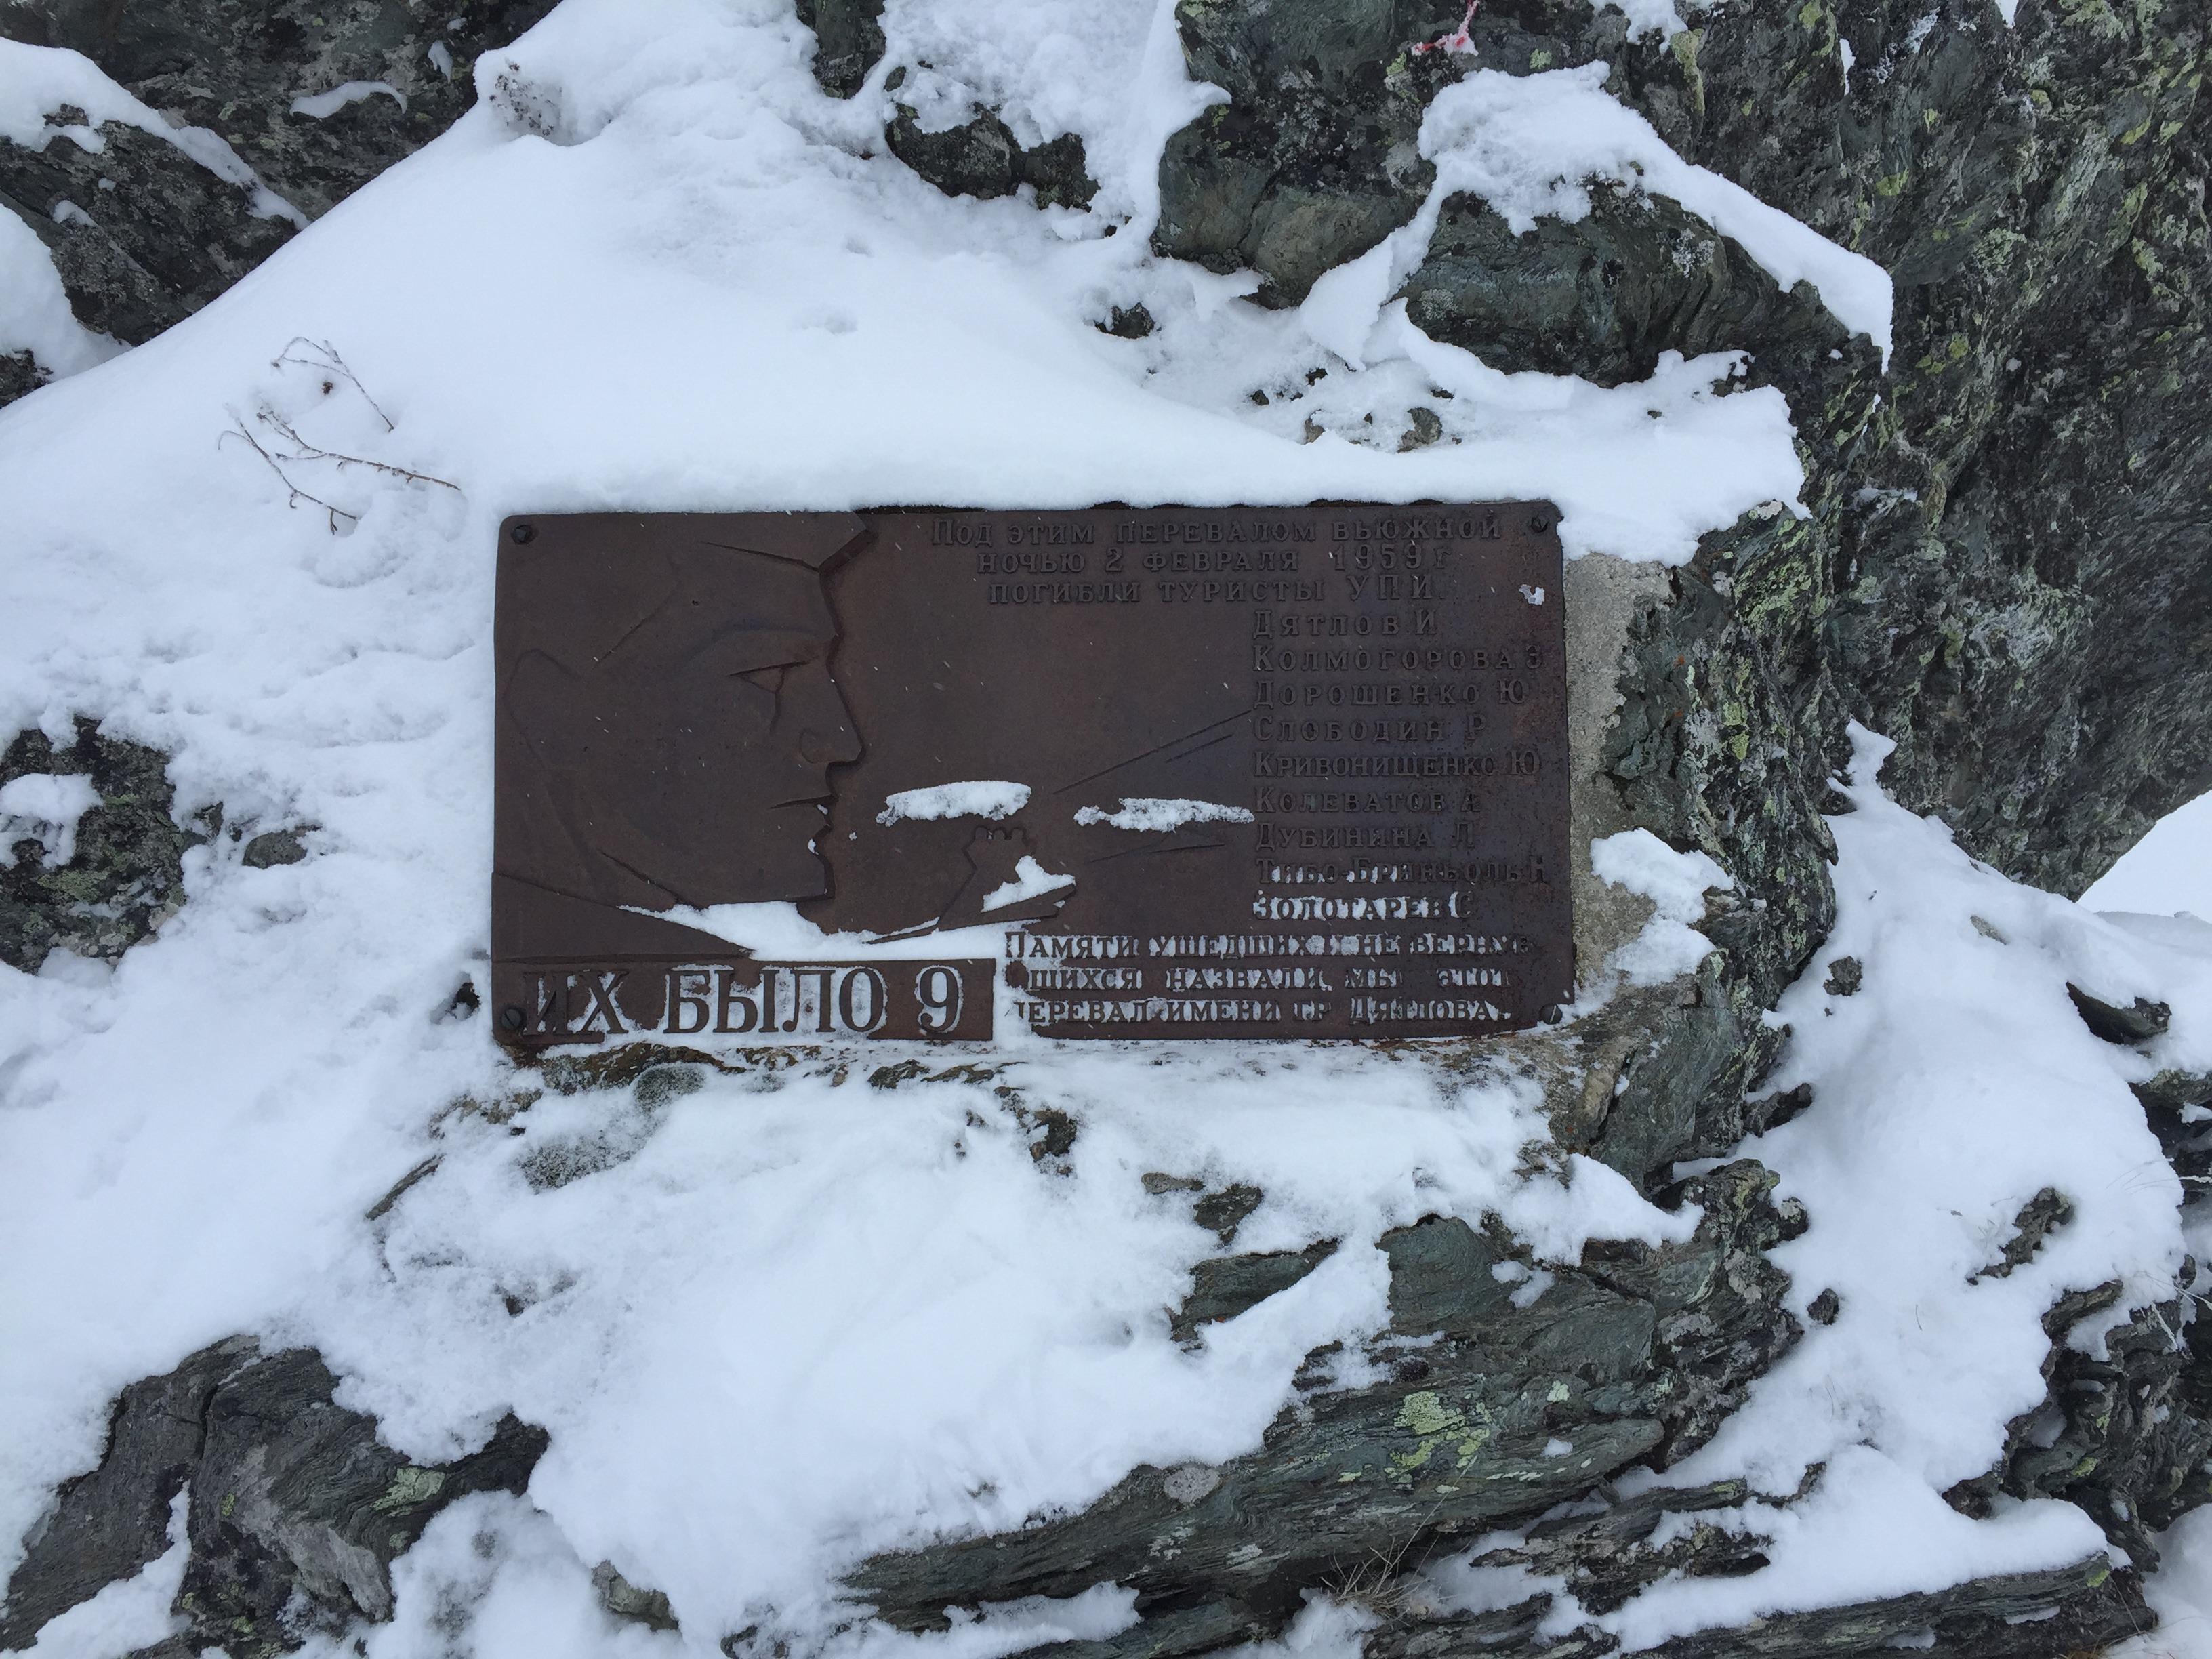 Генпрокуратура РФ объявила причину гибели туристов на перевале Дятлова